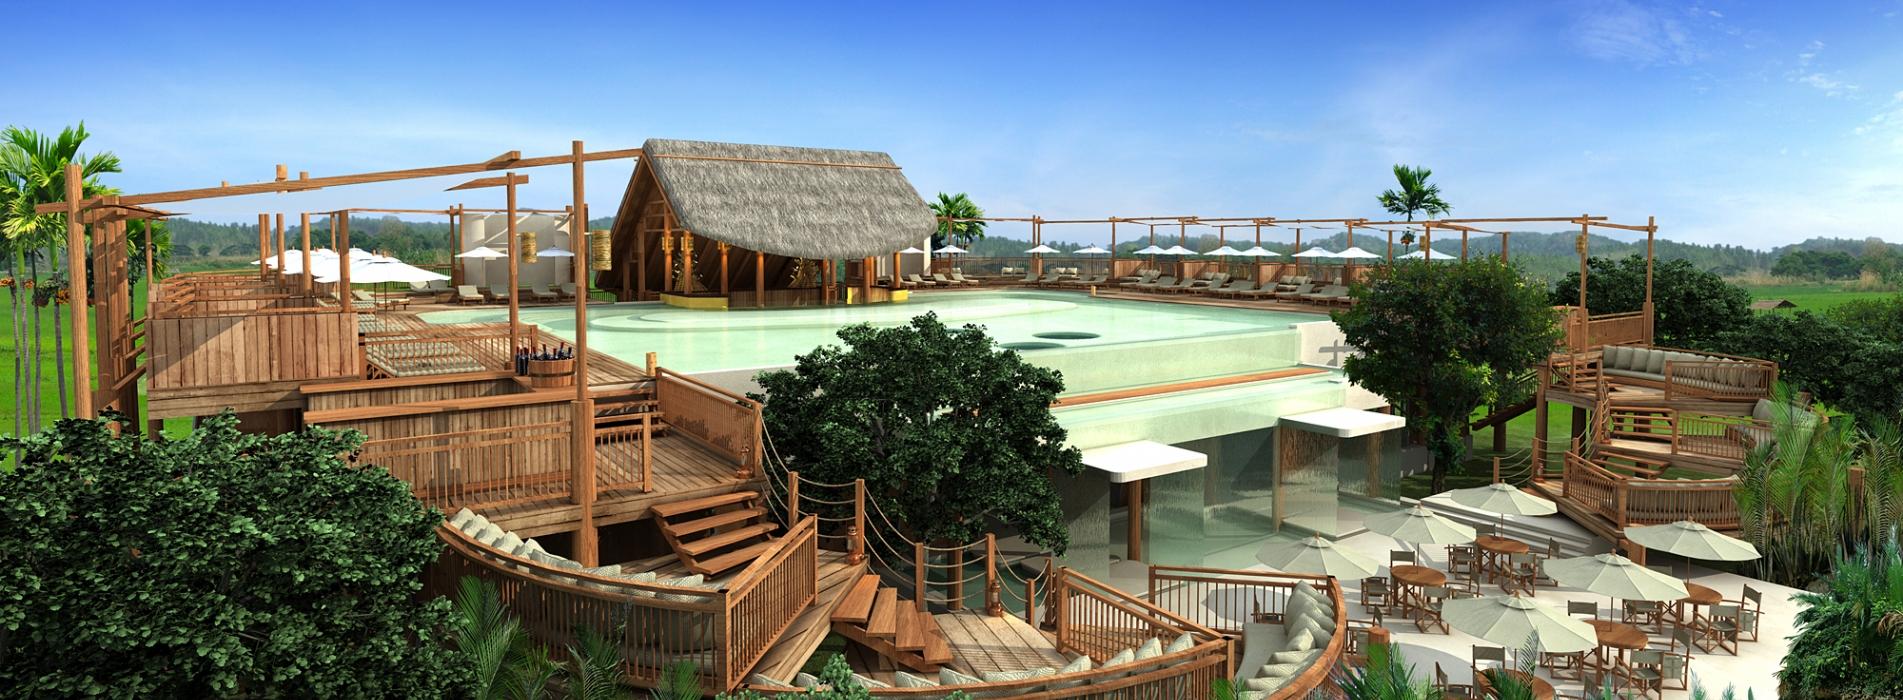 Việt Nam đang vượt lên trên cuộc đua phát triển du lịch xanh  - Ảnh 3